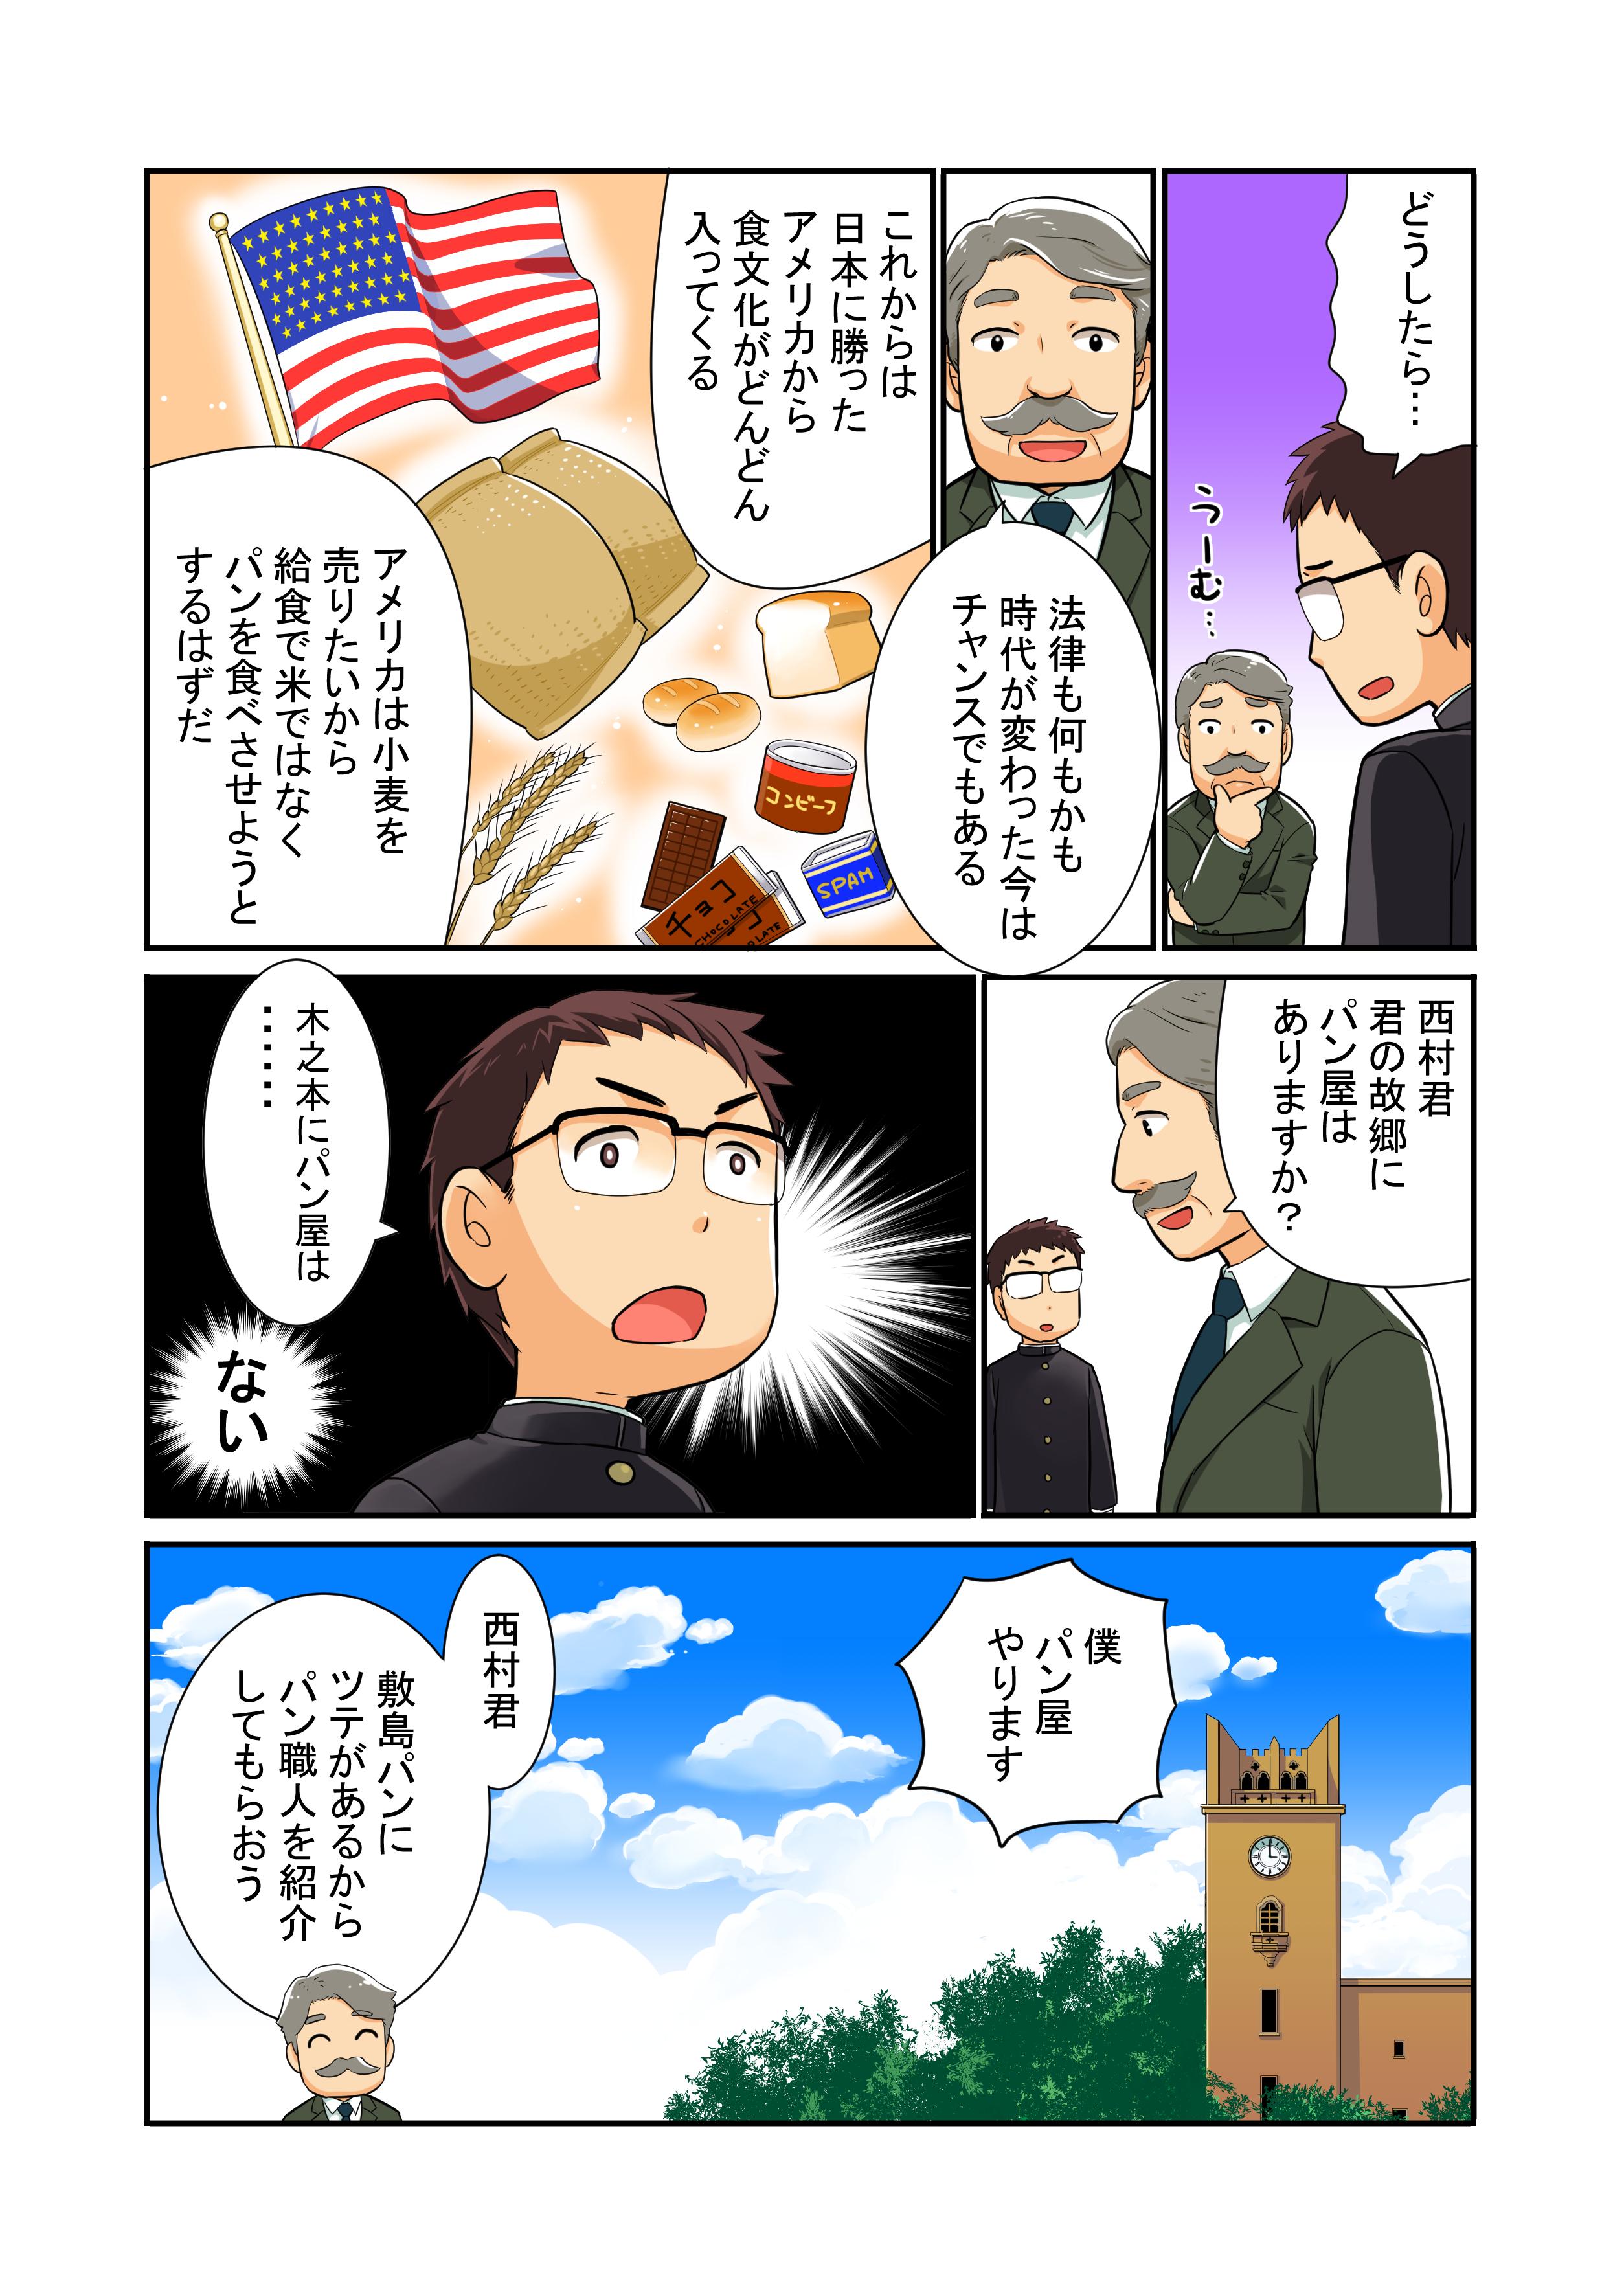 漫画で紹介。つるやパンの歴史3